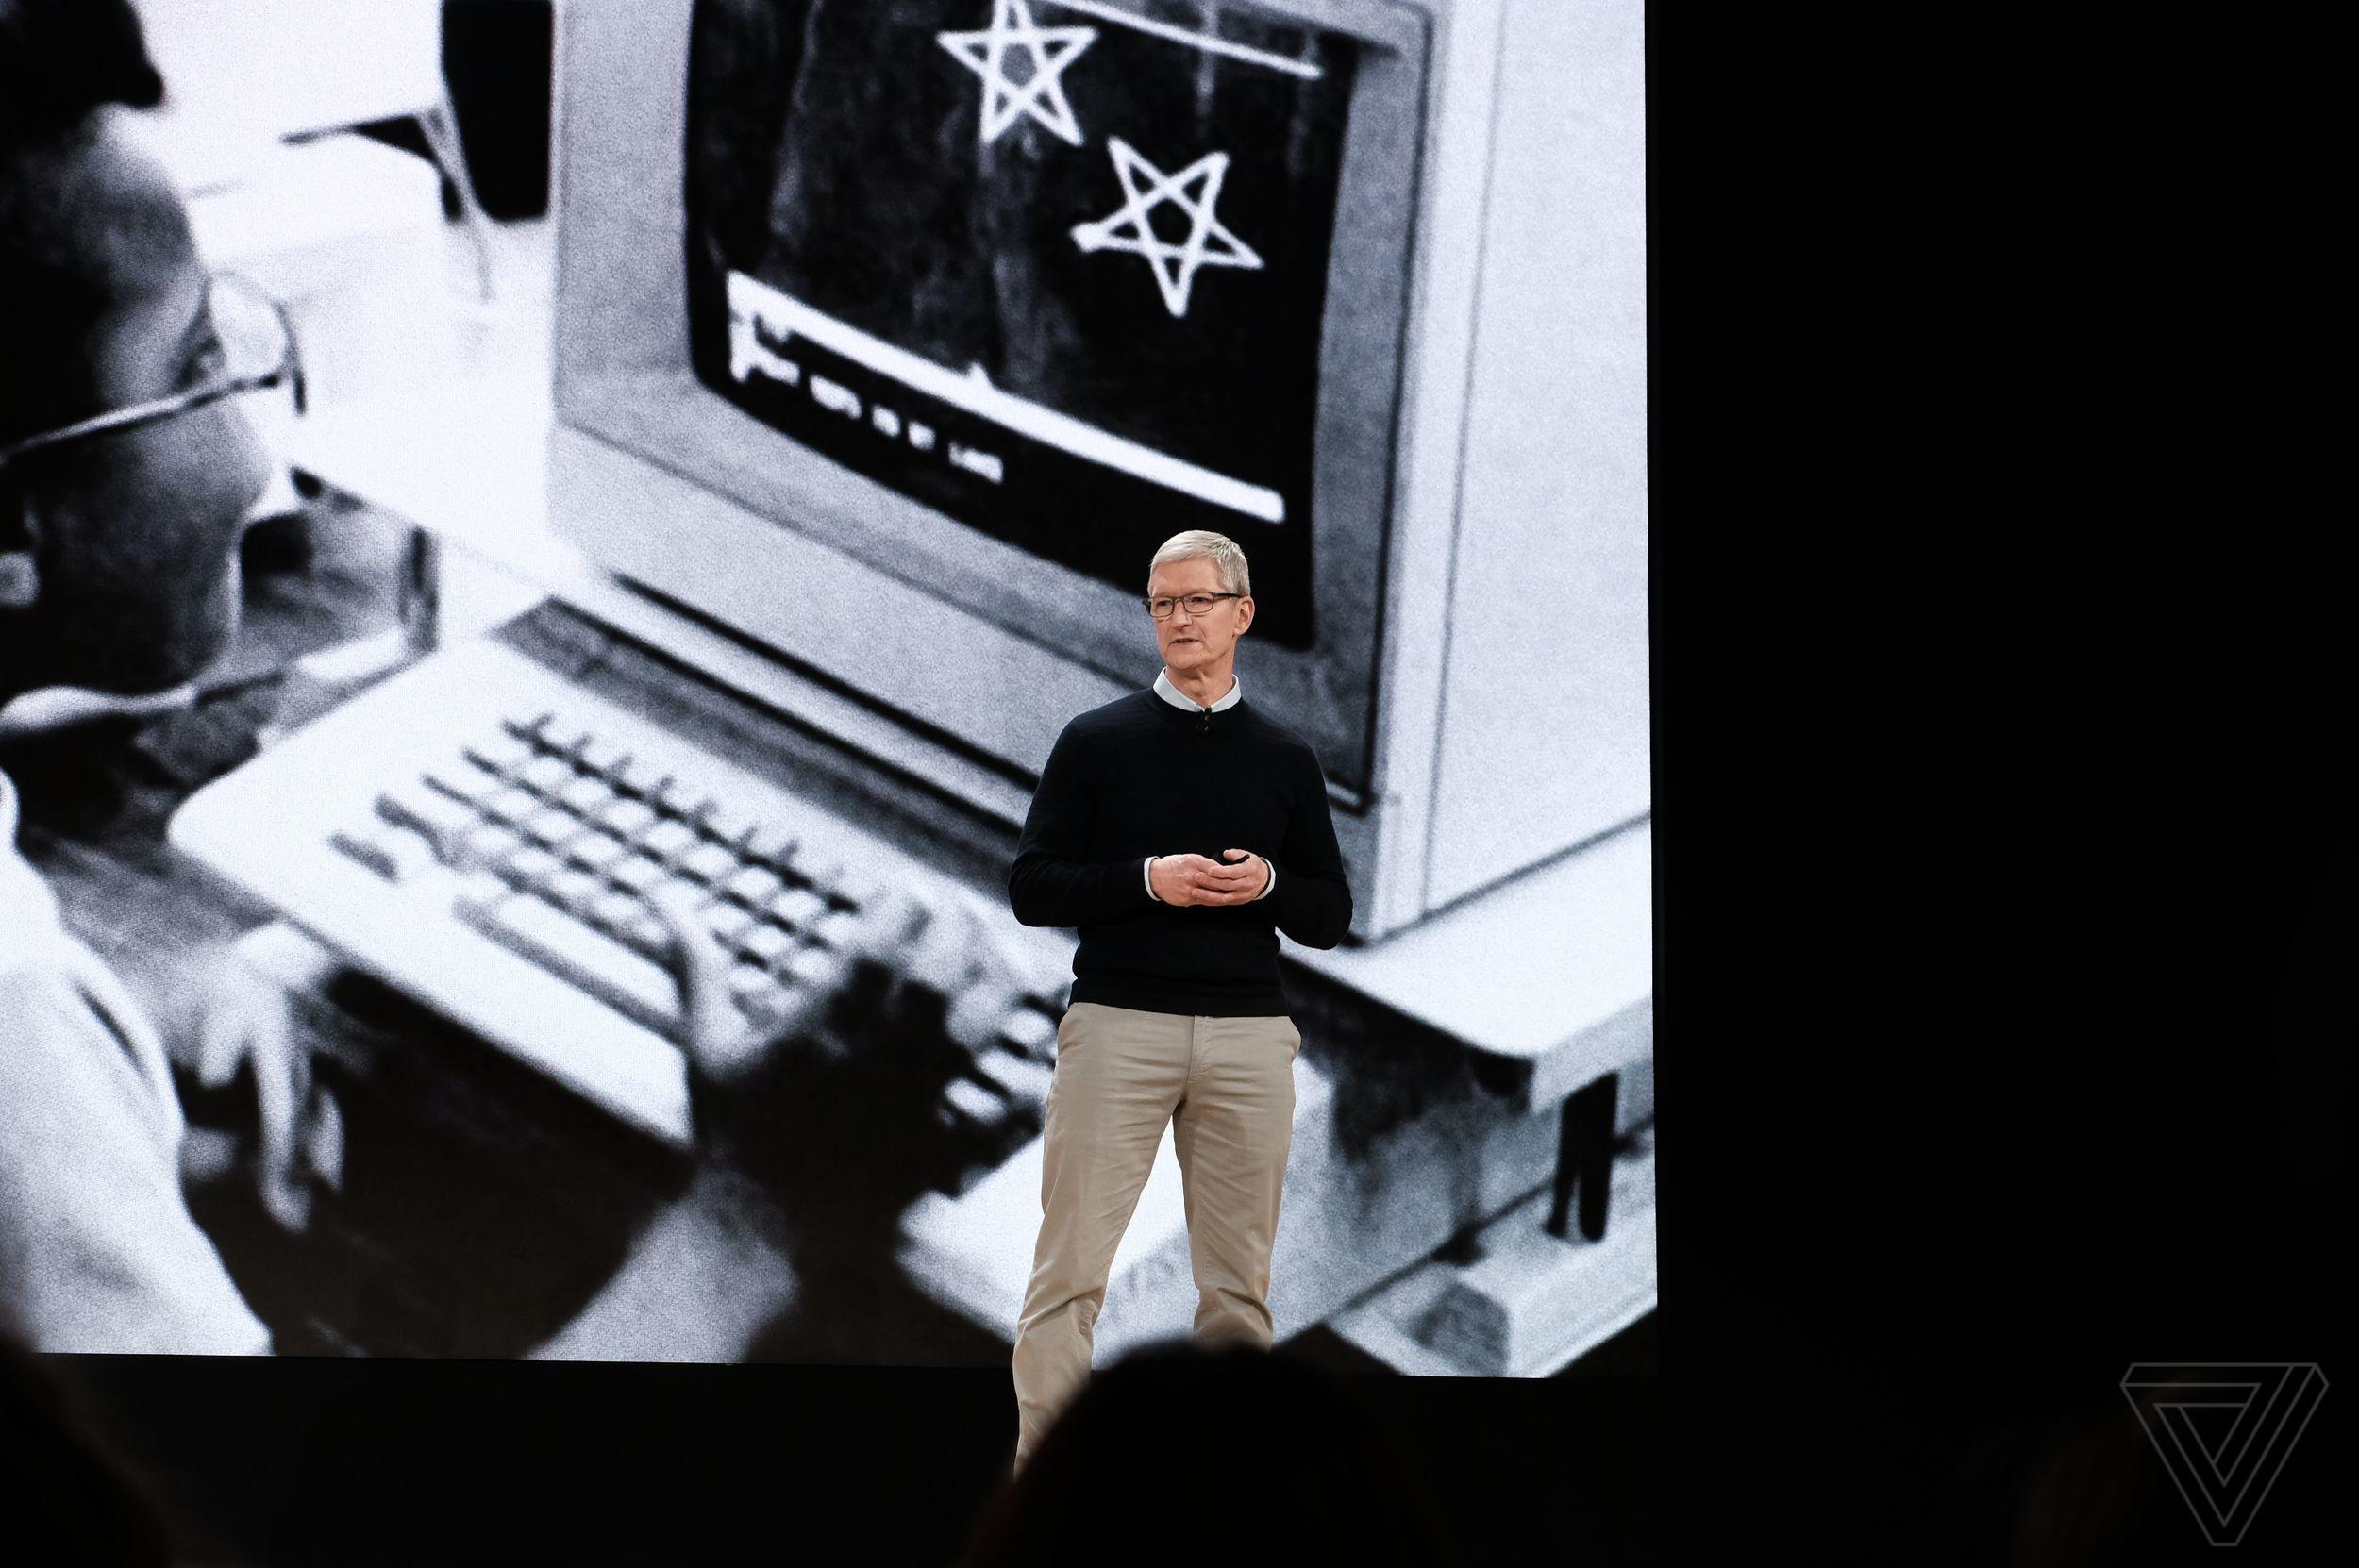 Evento Apple para educación, en directo y con el nuevo iPad 33